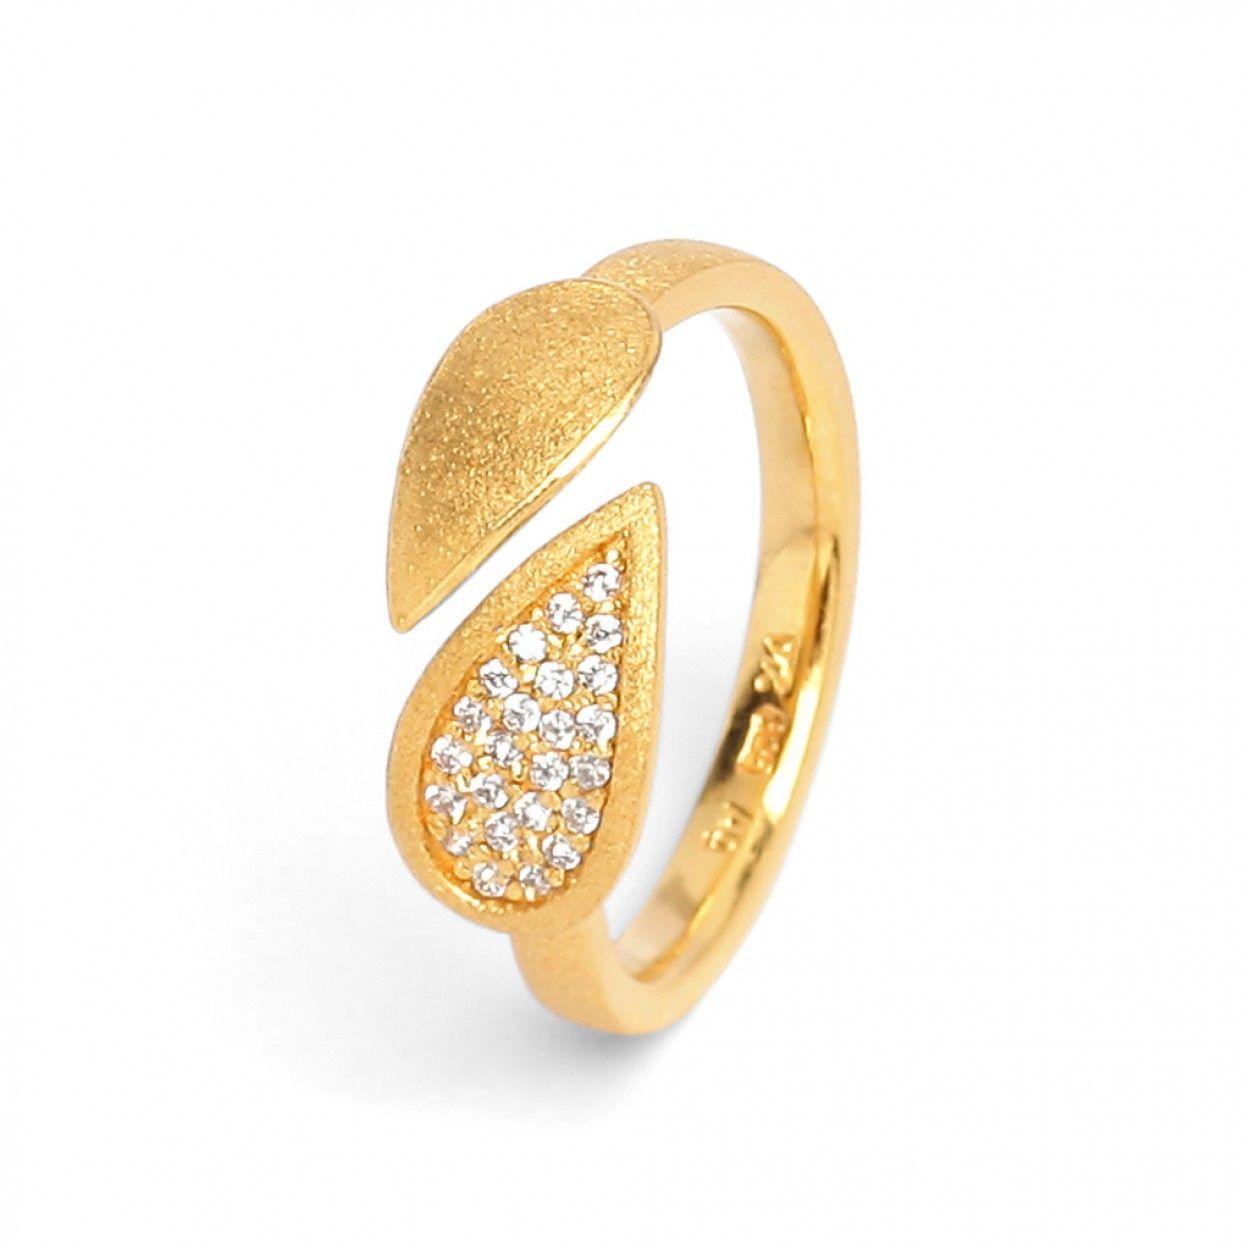 BERND WOLF I Der Ring Drop  aus der Designlinie AQUA birgt zwei sich treffende Tropfen. #Tropfen #Aqua #BerndWolf #Ring #Goldplattiert #Madeingermany